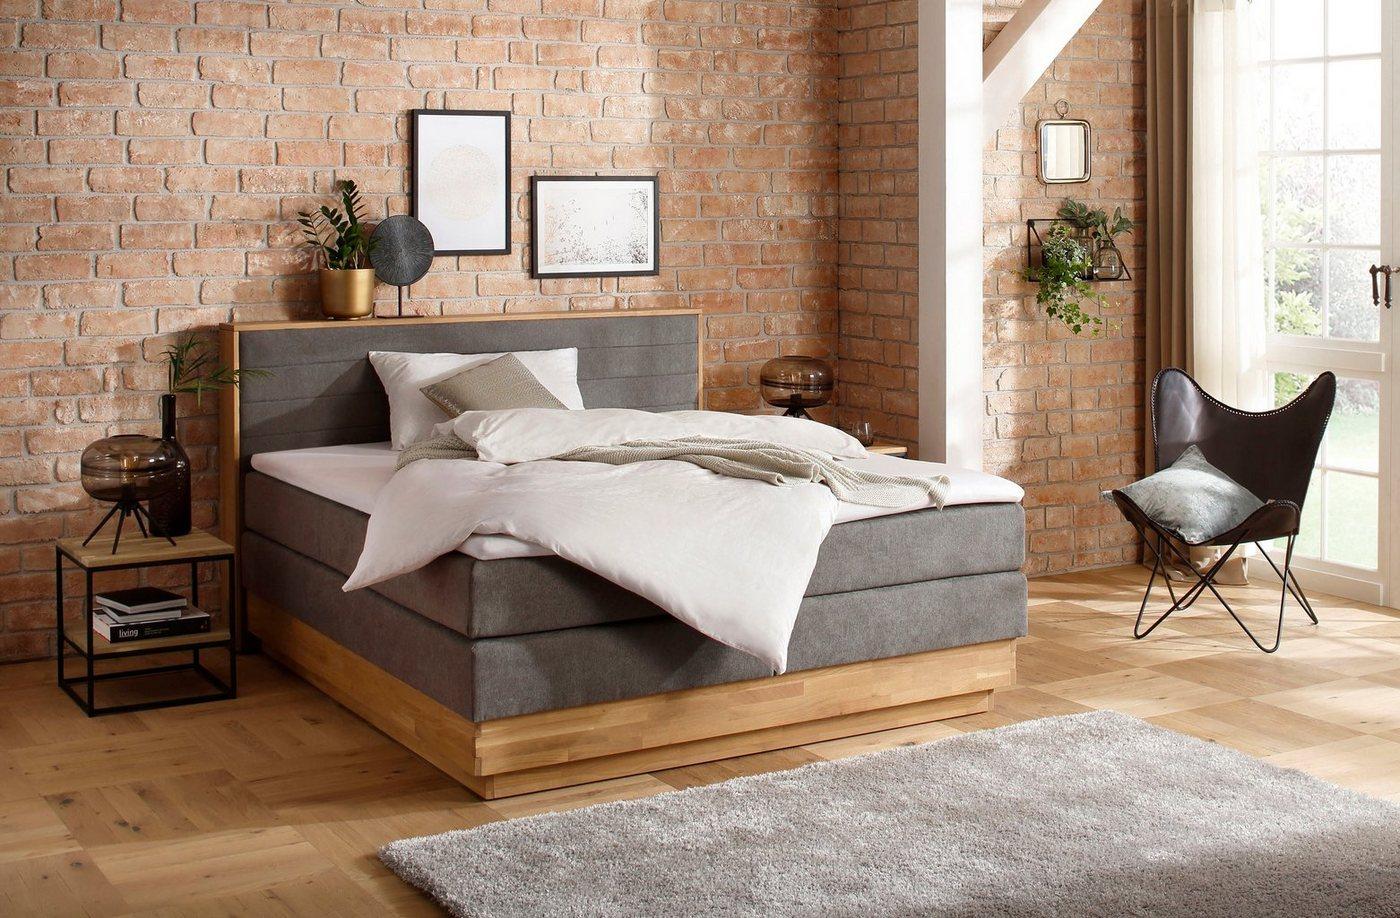 Home affaire Boxspringbett »Cavan«, aus massiver Eiche, inkl. Bettkasten & günstig online kaufen